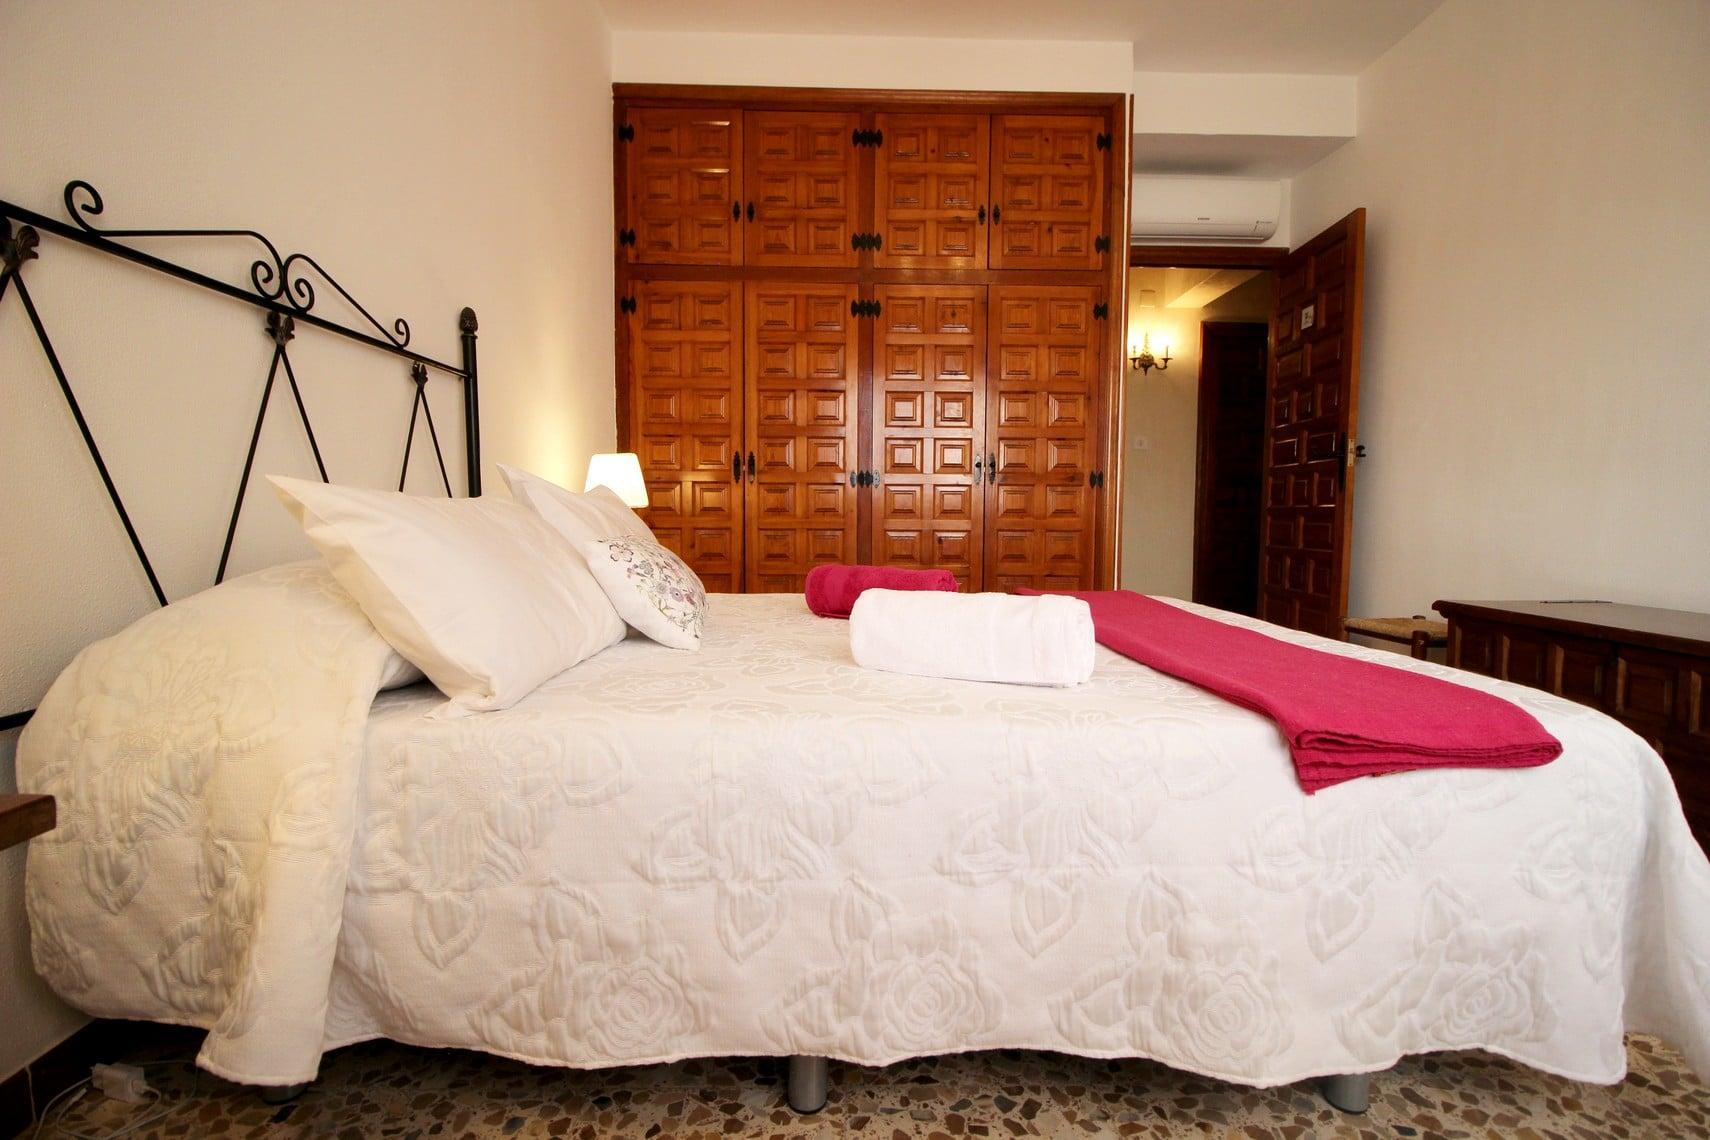 habitación4_las_hazas jarandilla007